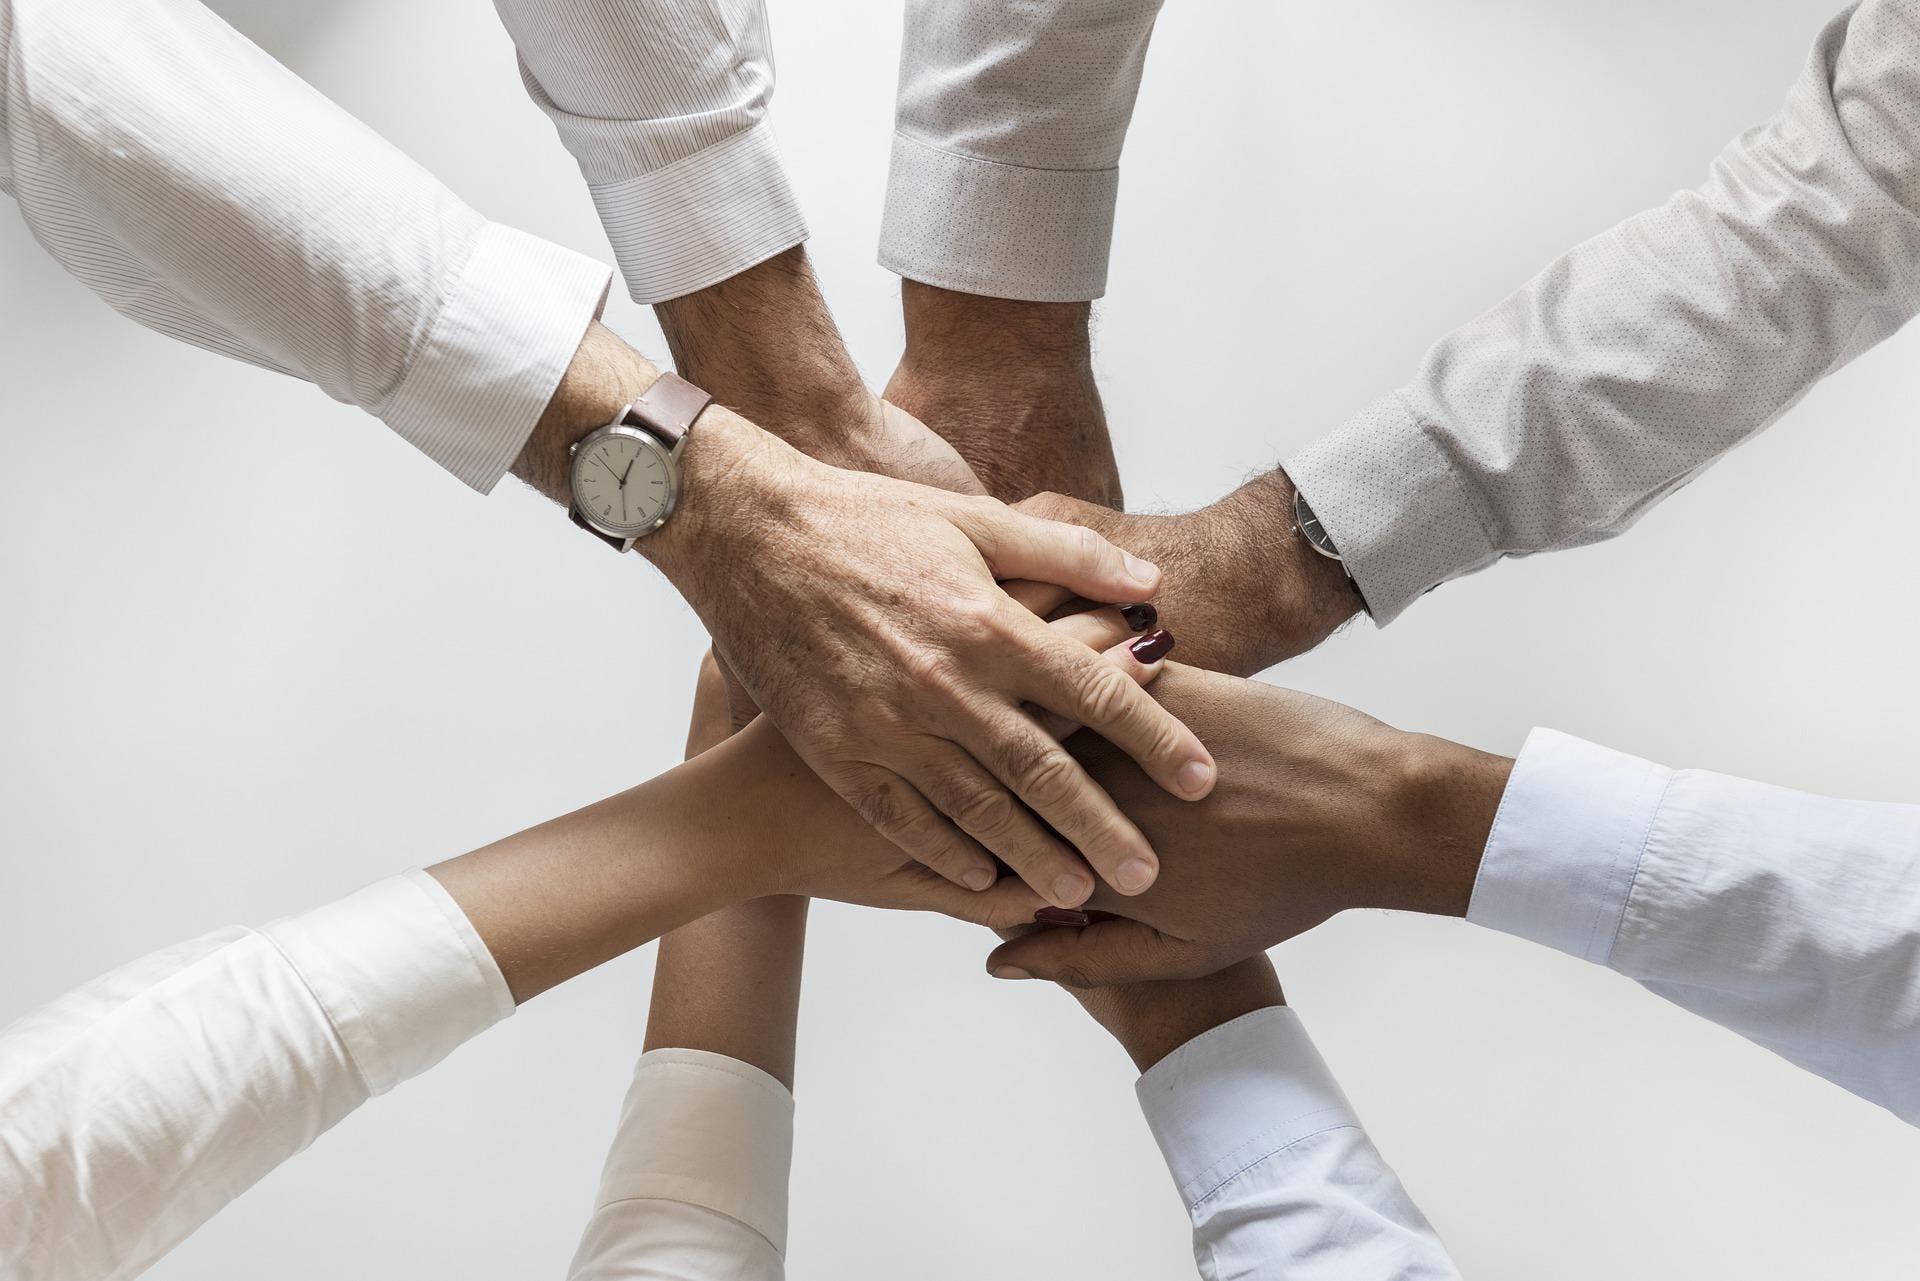 Die HR-Zukunft ist digital - Meetup #1 Hambur